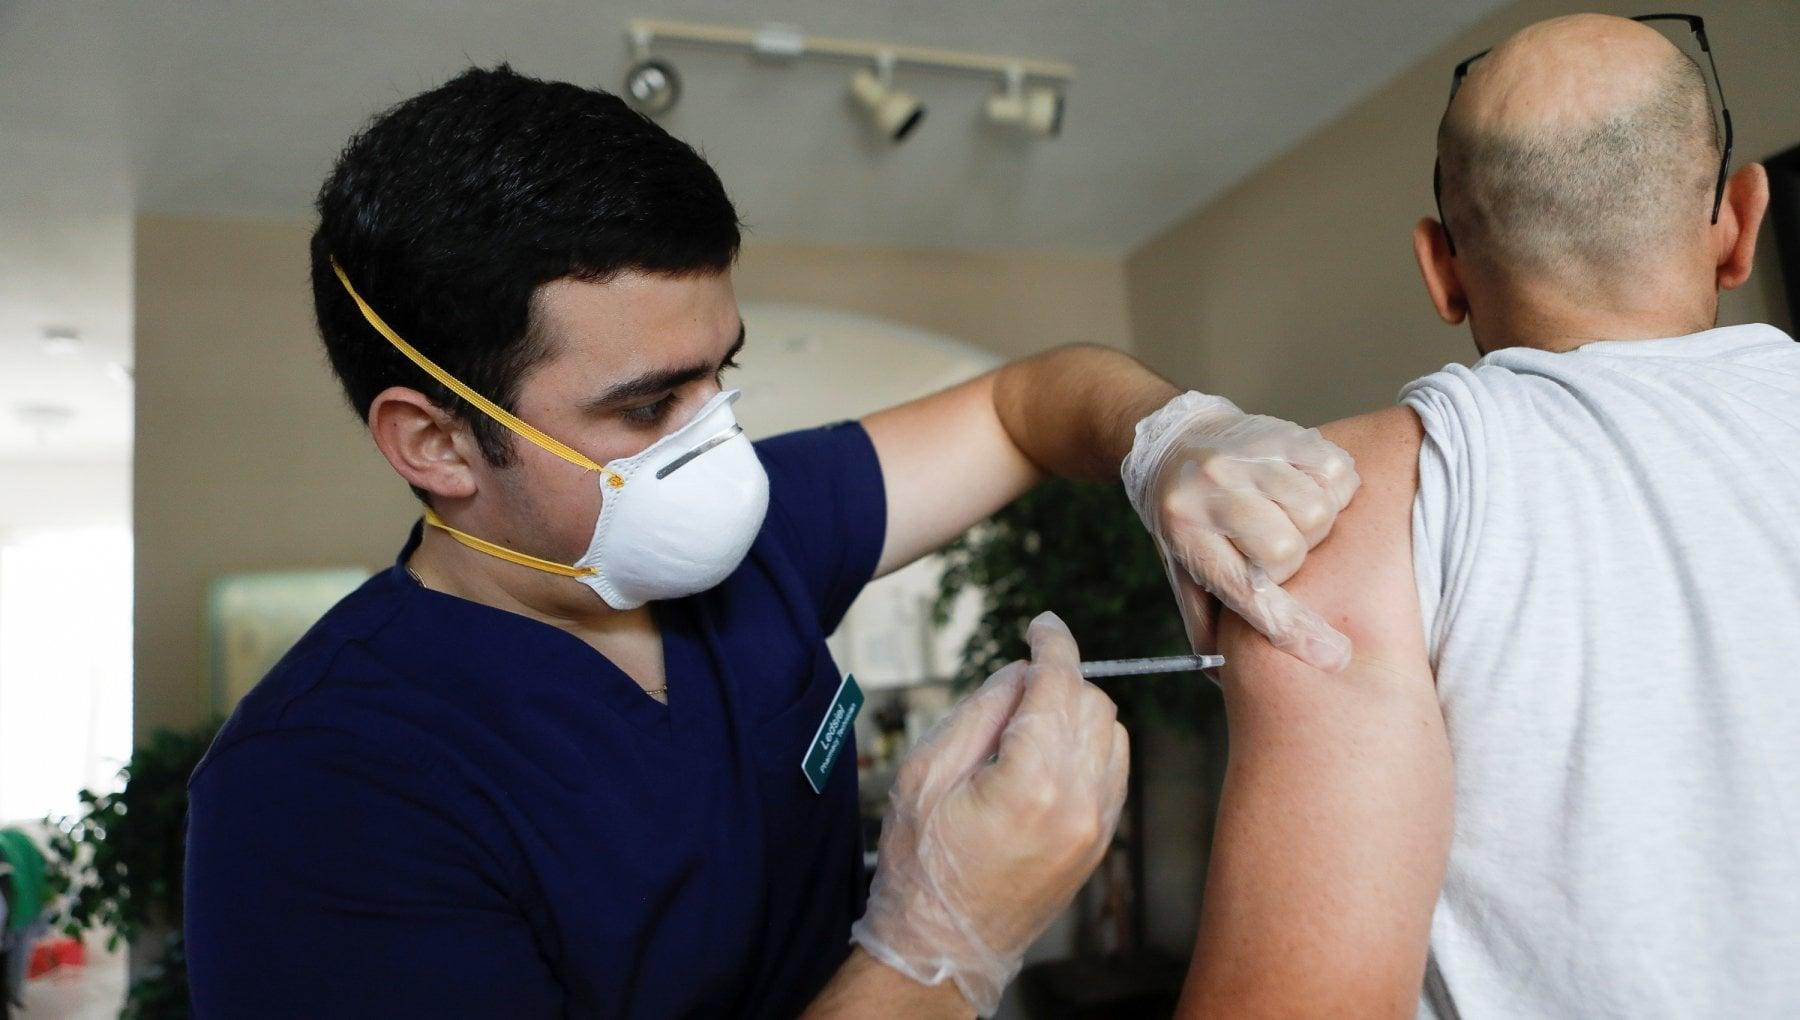 094039430 64cf3dc2 2386 4d86 a770 d030a47550dc - Covid, la Delta può essere trasmessa anche dai vaccinati: gli scienziati invitano a indossare la mascherina al chiuso